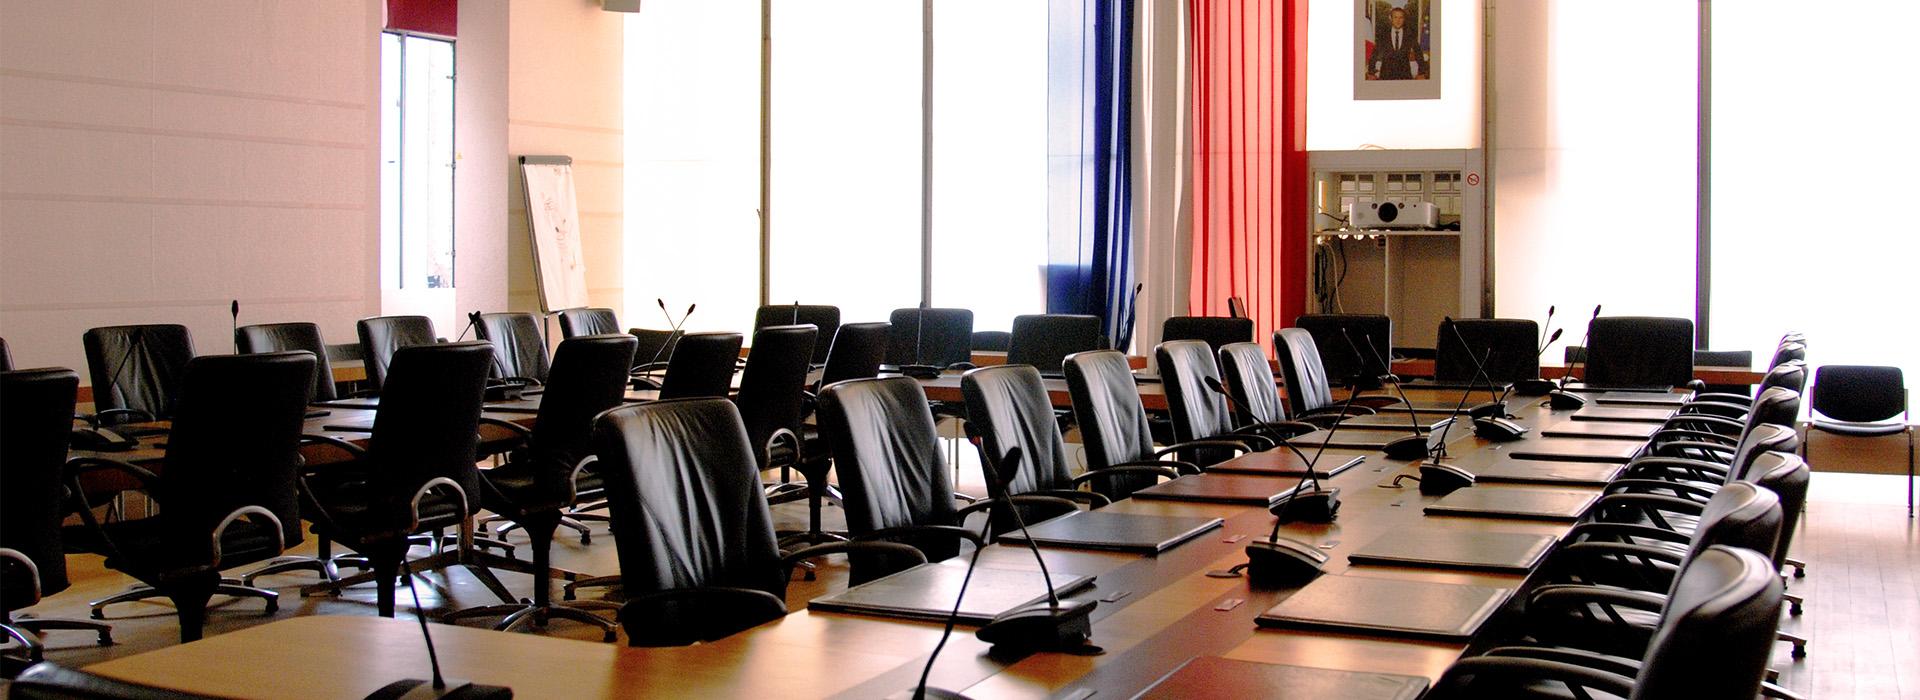 salle_du_conseil_municipal_hdv_place_napoleon_bandeau.jpg